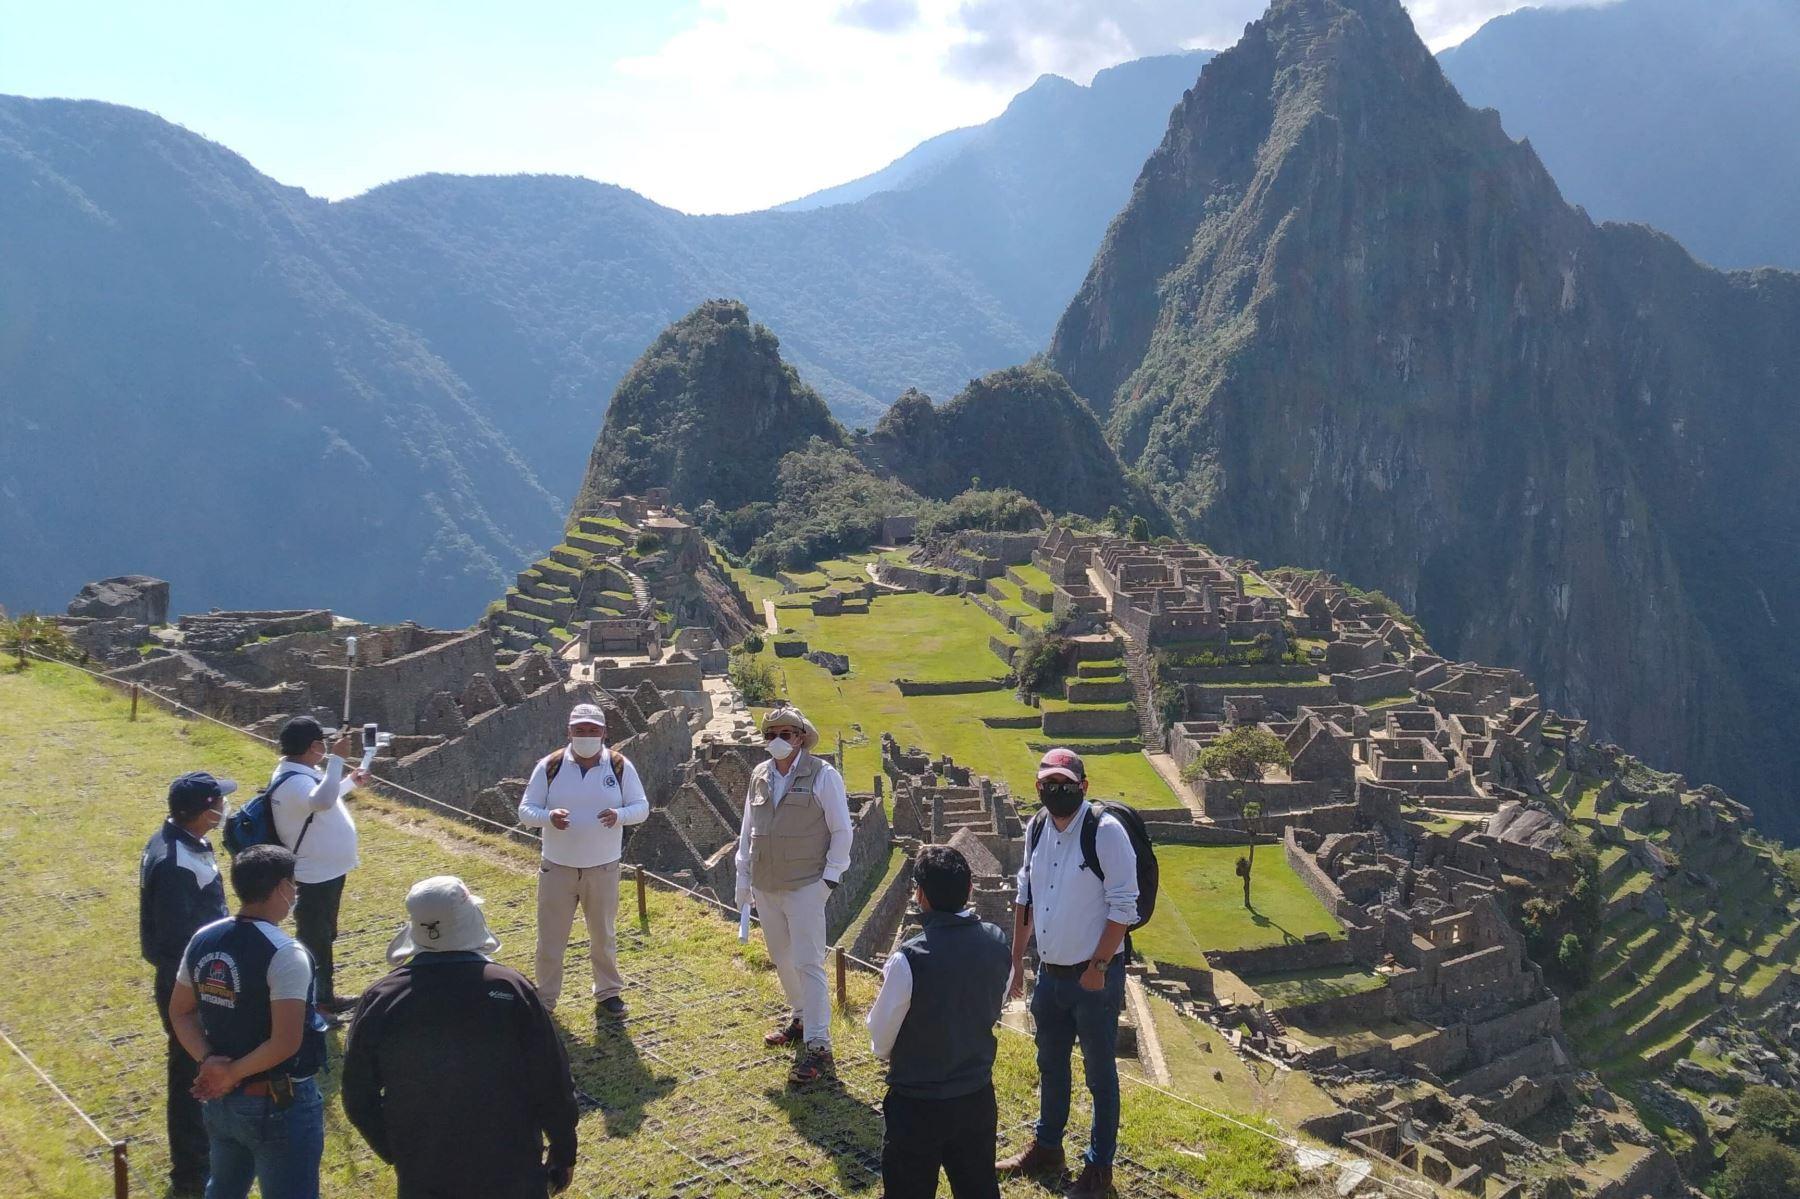 ¿Visitarás Machu Picchu? Estos son los horarios, aforos y especificaciones para recorridos